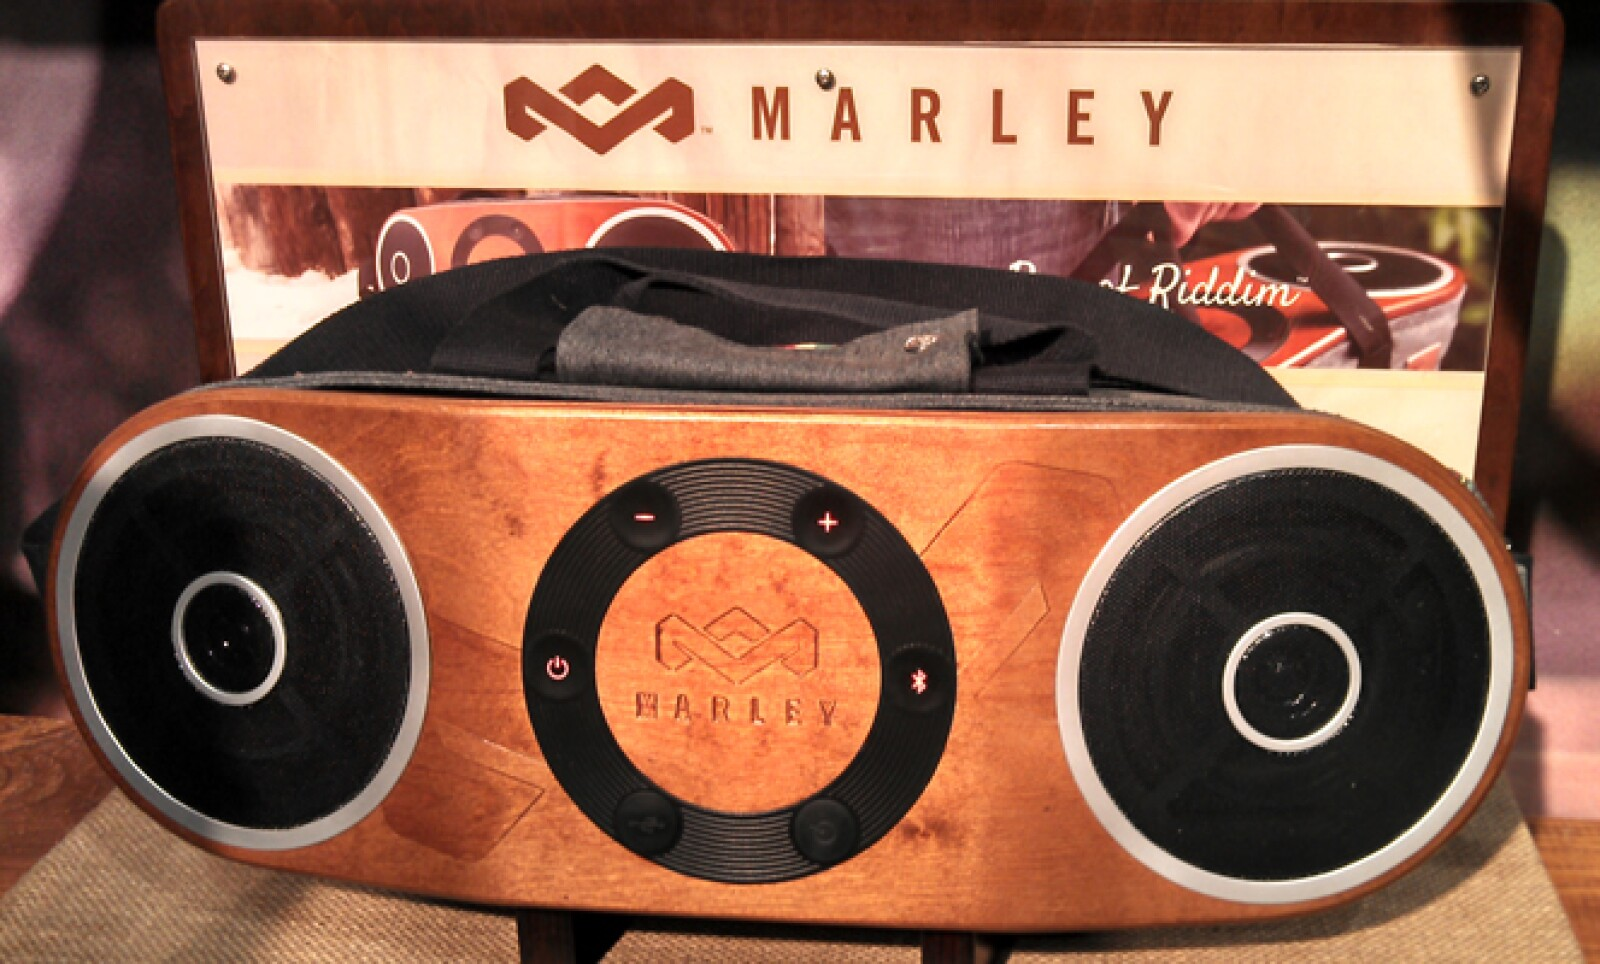 La compañía del hijo de Bob Marley estuvo presente en la feria para presentar sus novedades en materia acústica, como esta docking station que además trae una correa para transportarla.